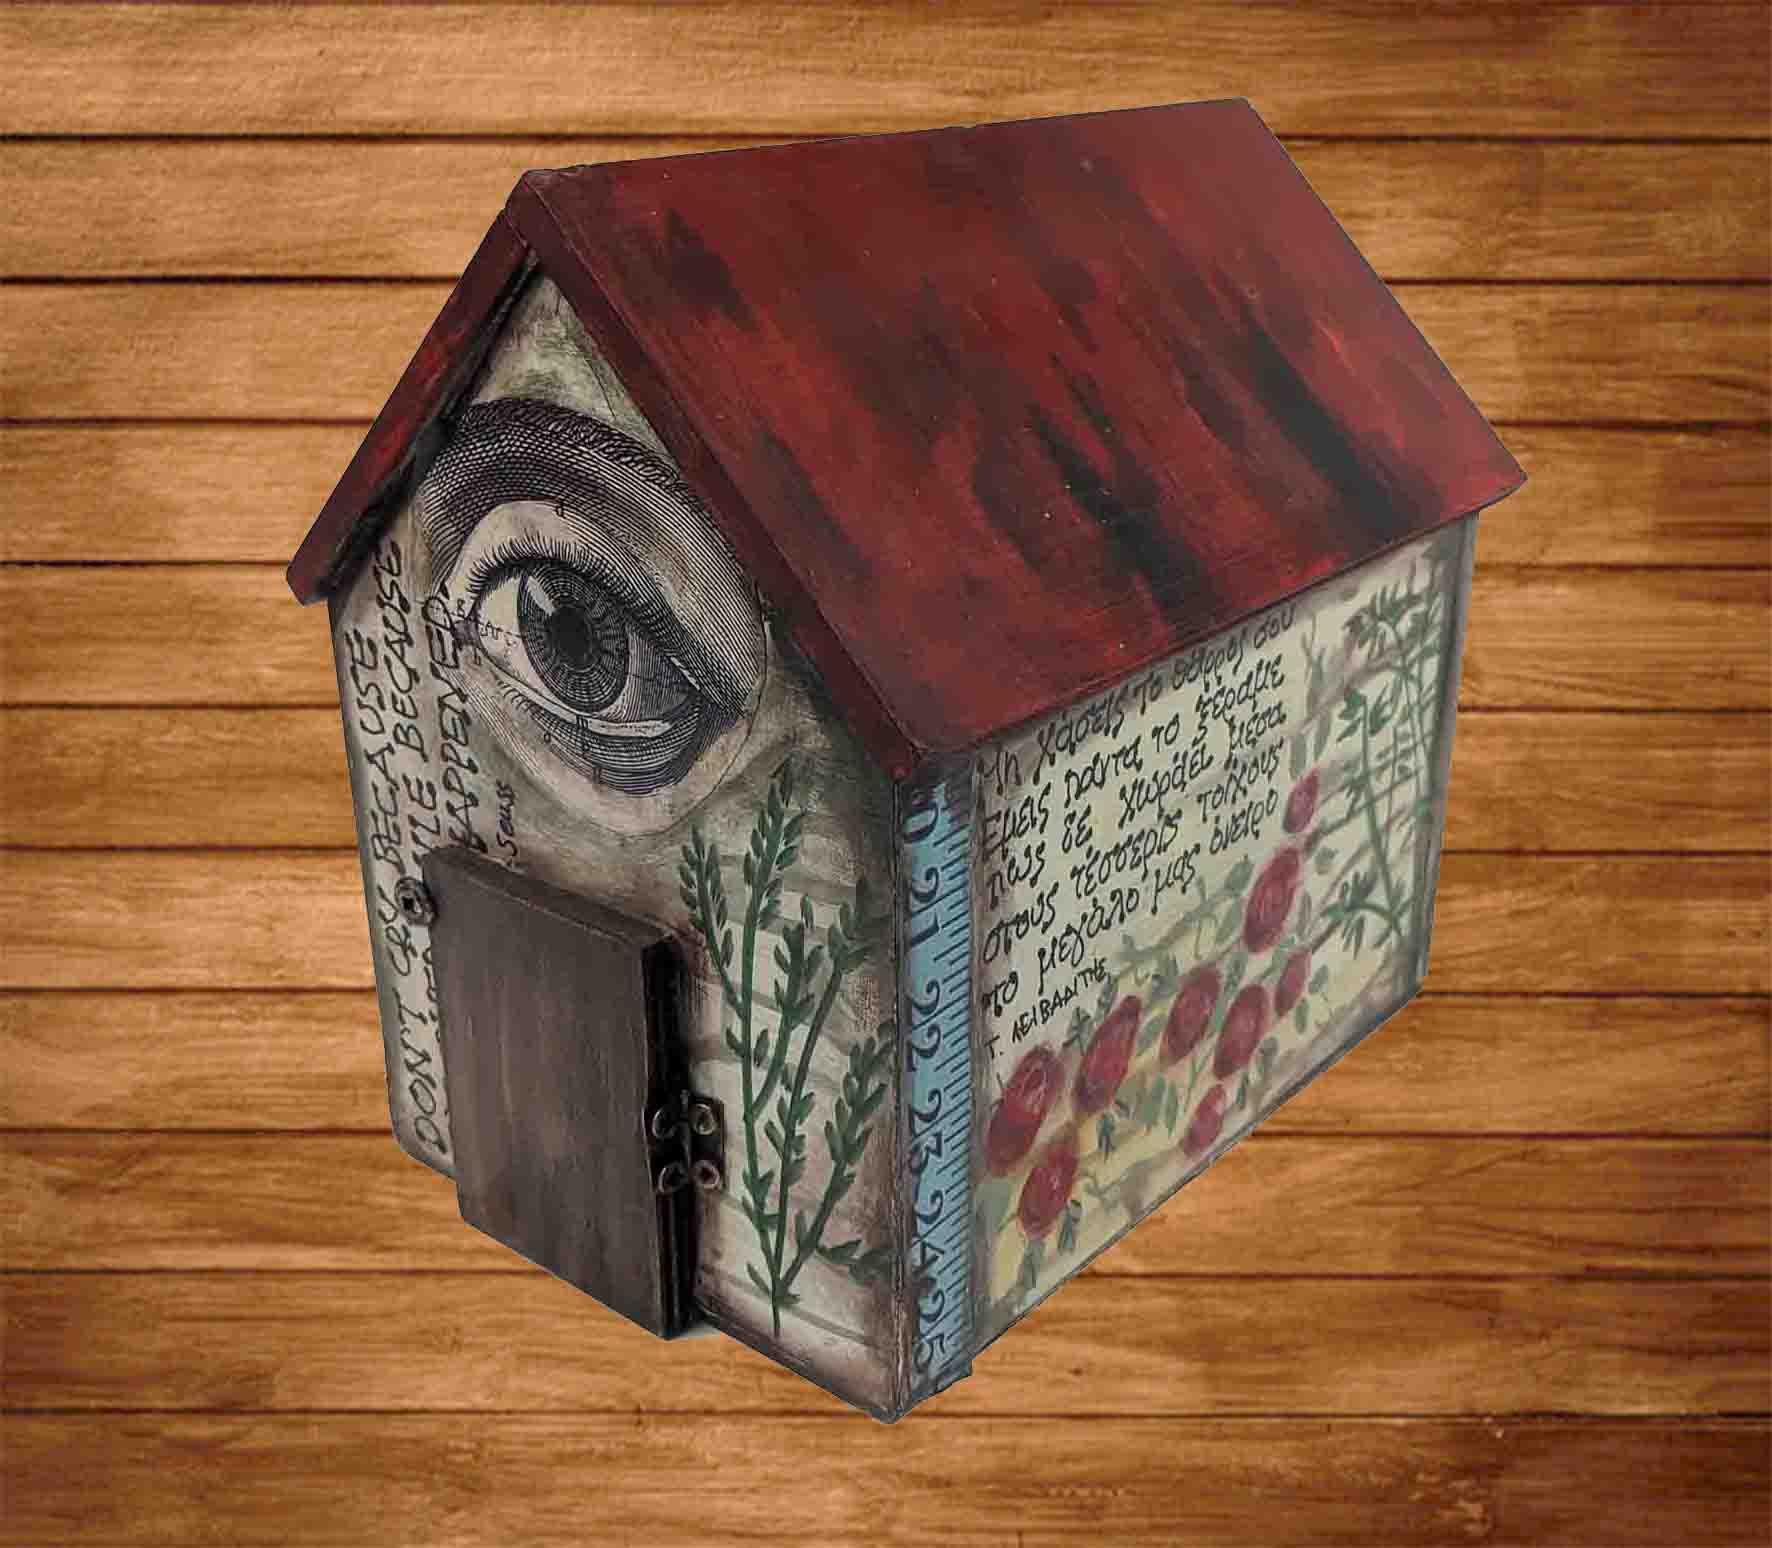 Ξύλινο σπίτι/κουμπαράς – Wooden piggy bank house